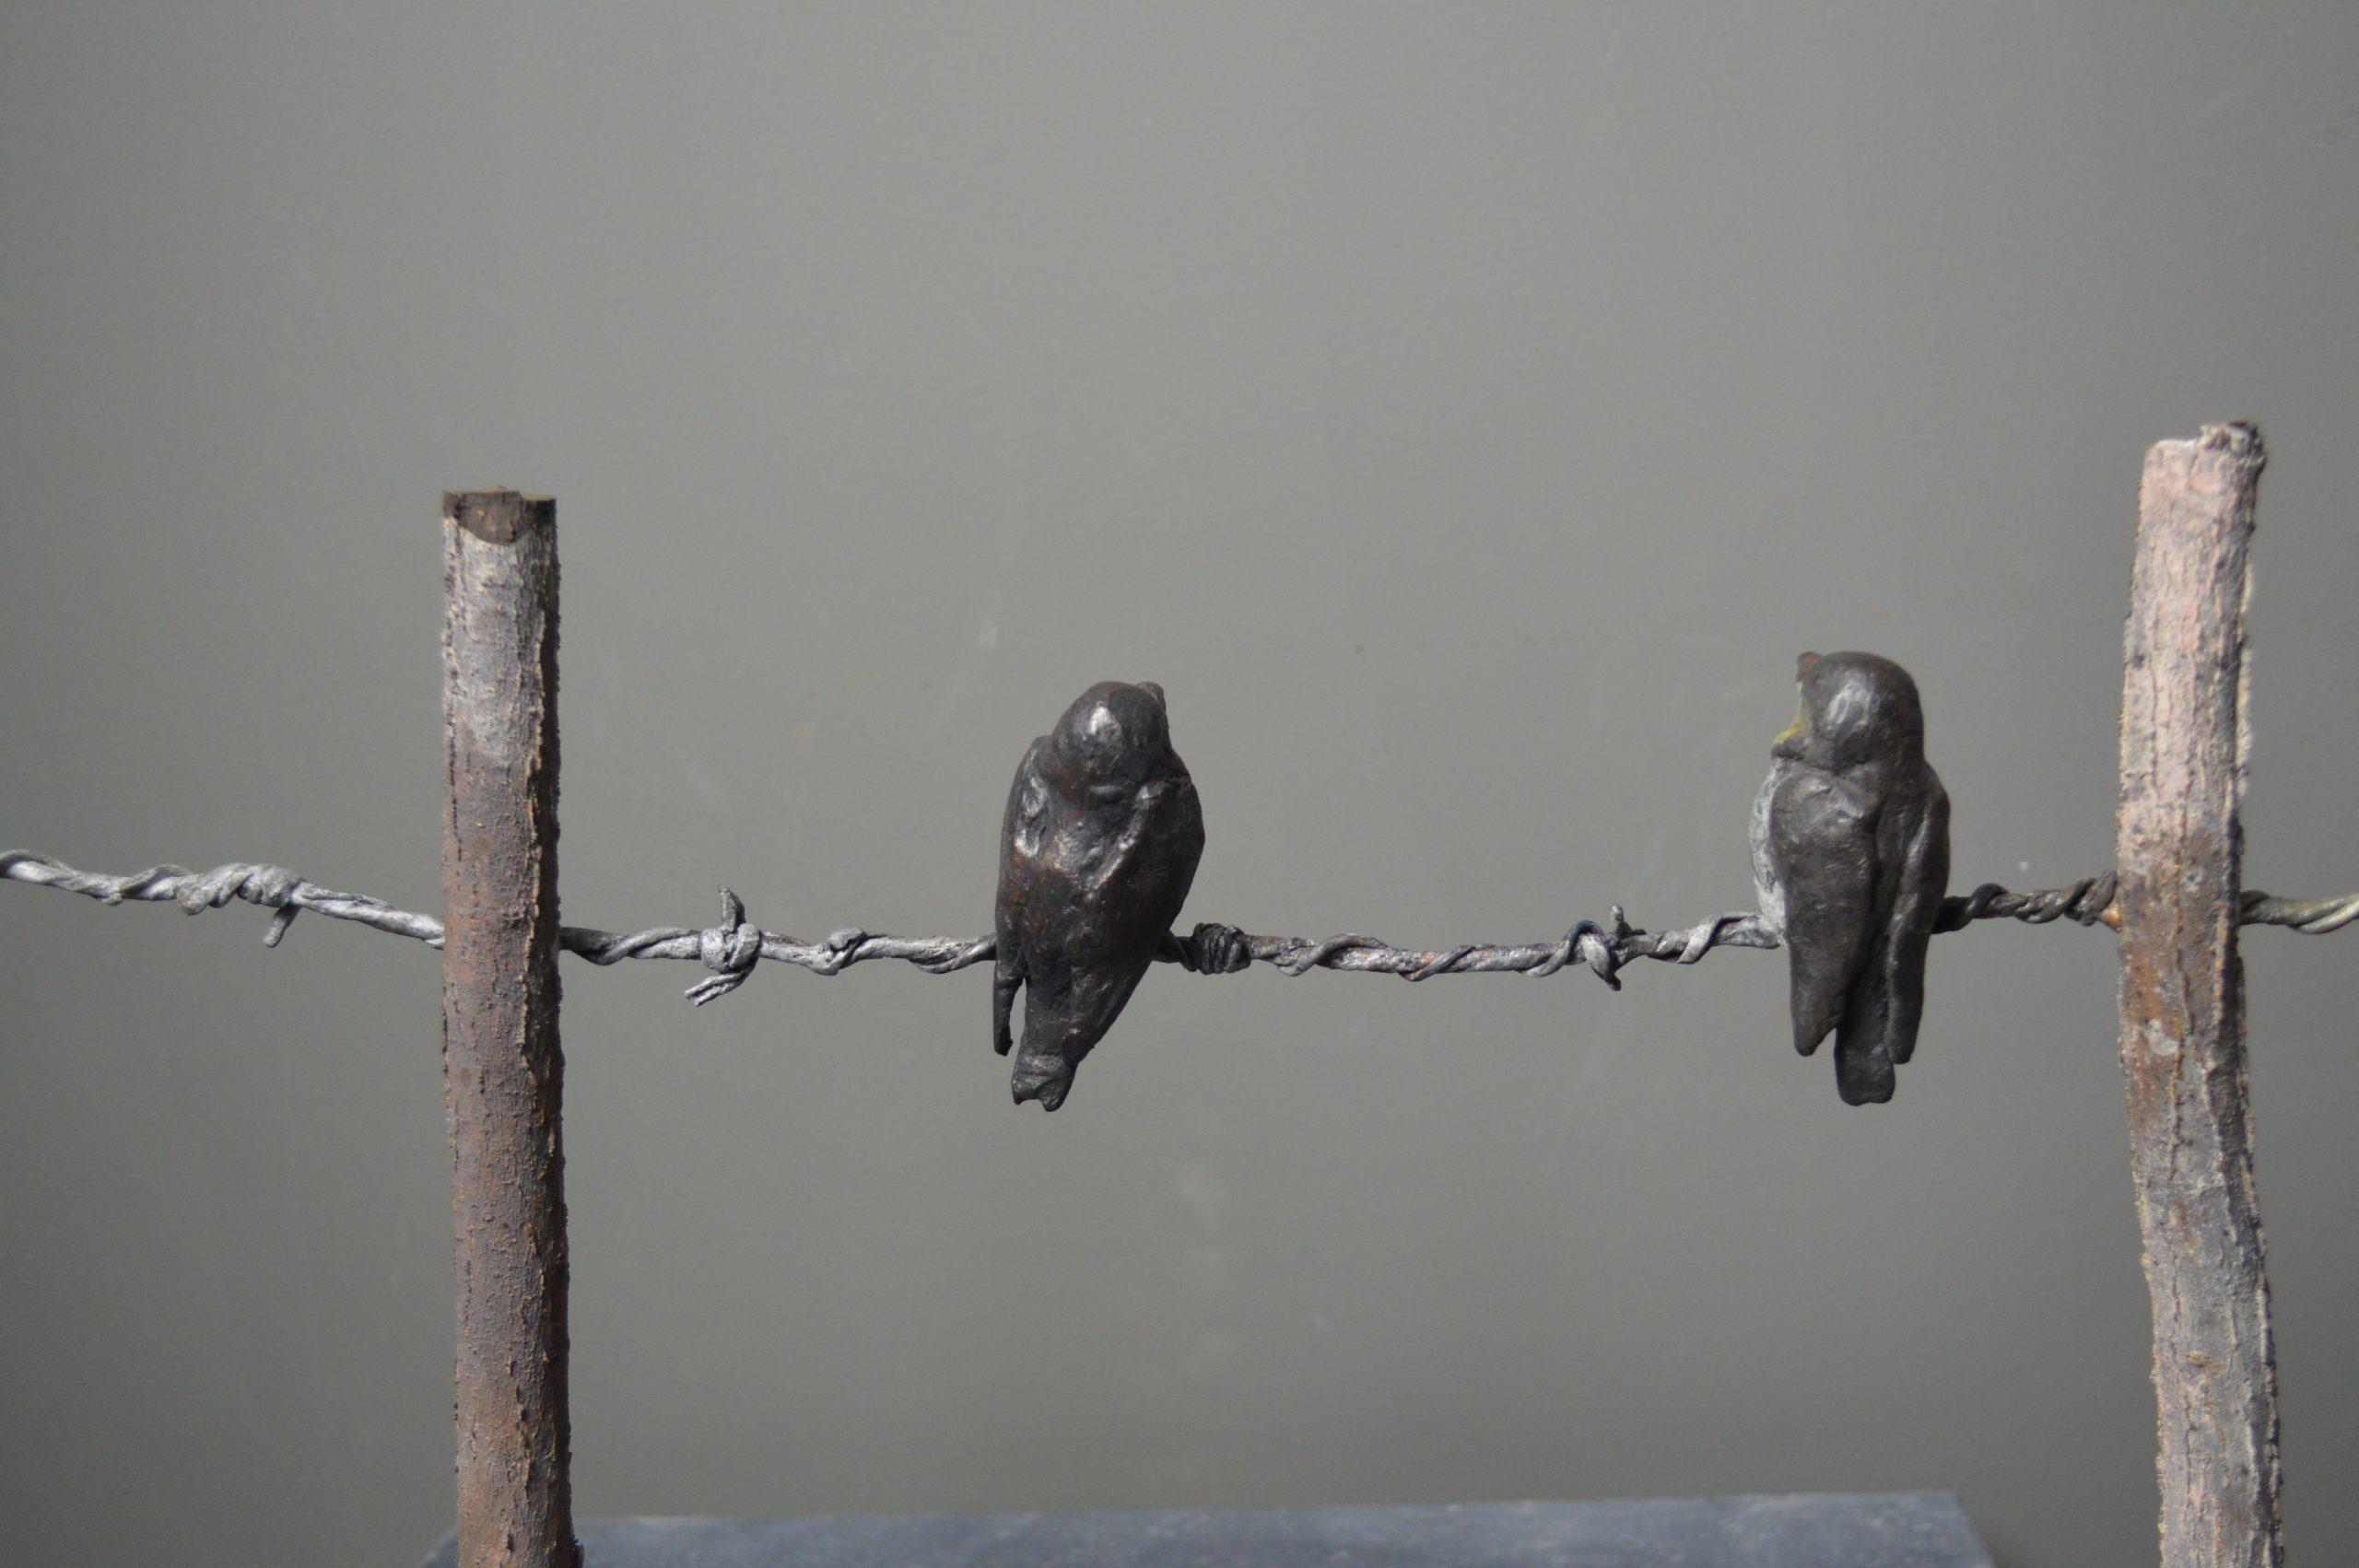 Kunst: jonge zwaluwen op prikkel draad van kunstenaar Chris Gadiot